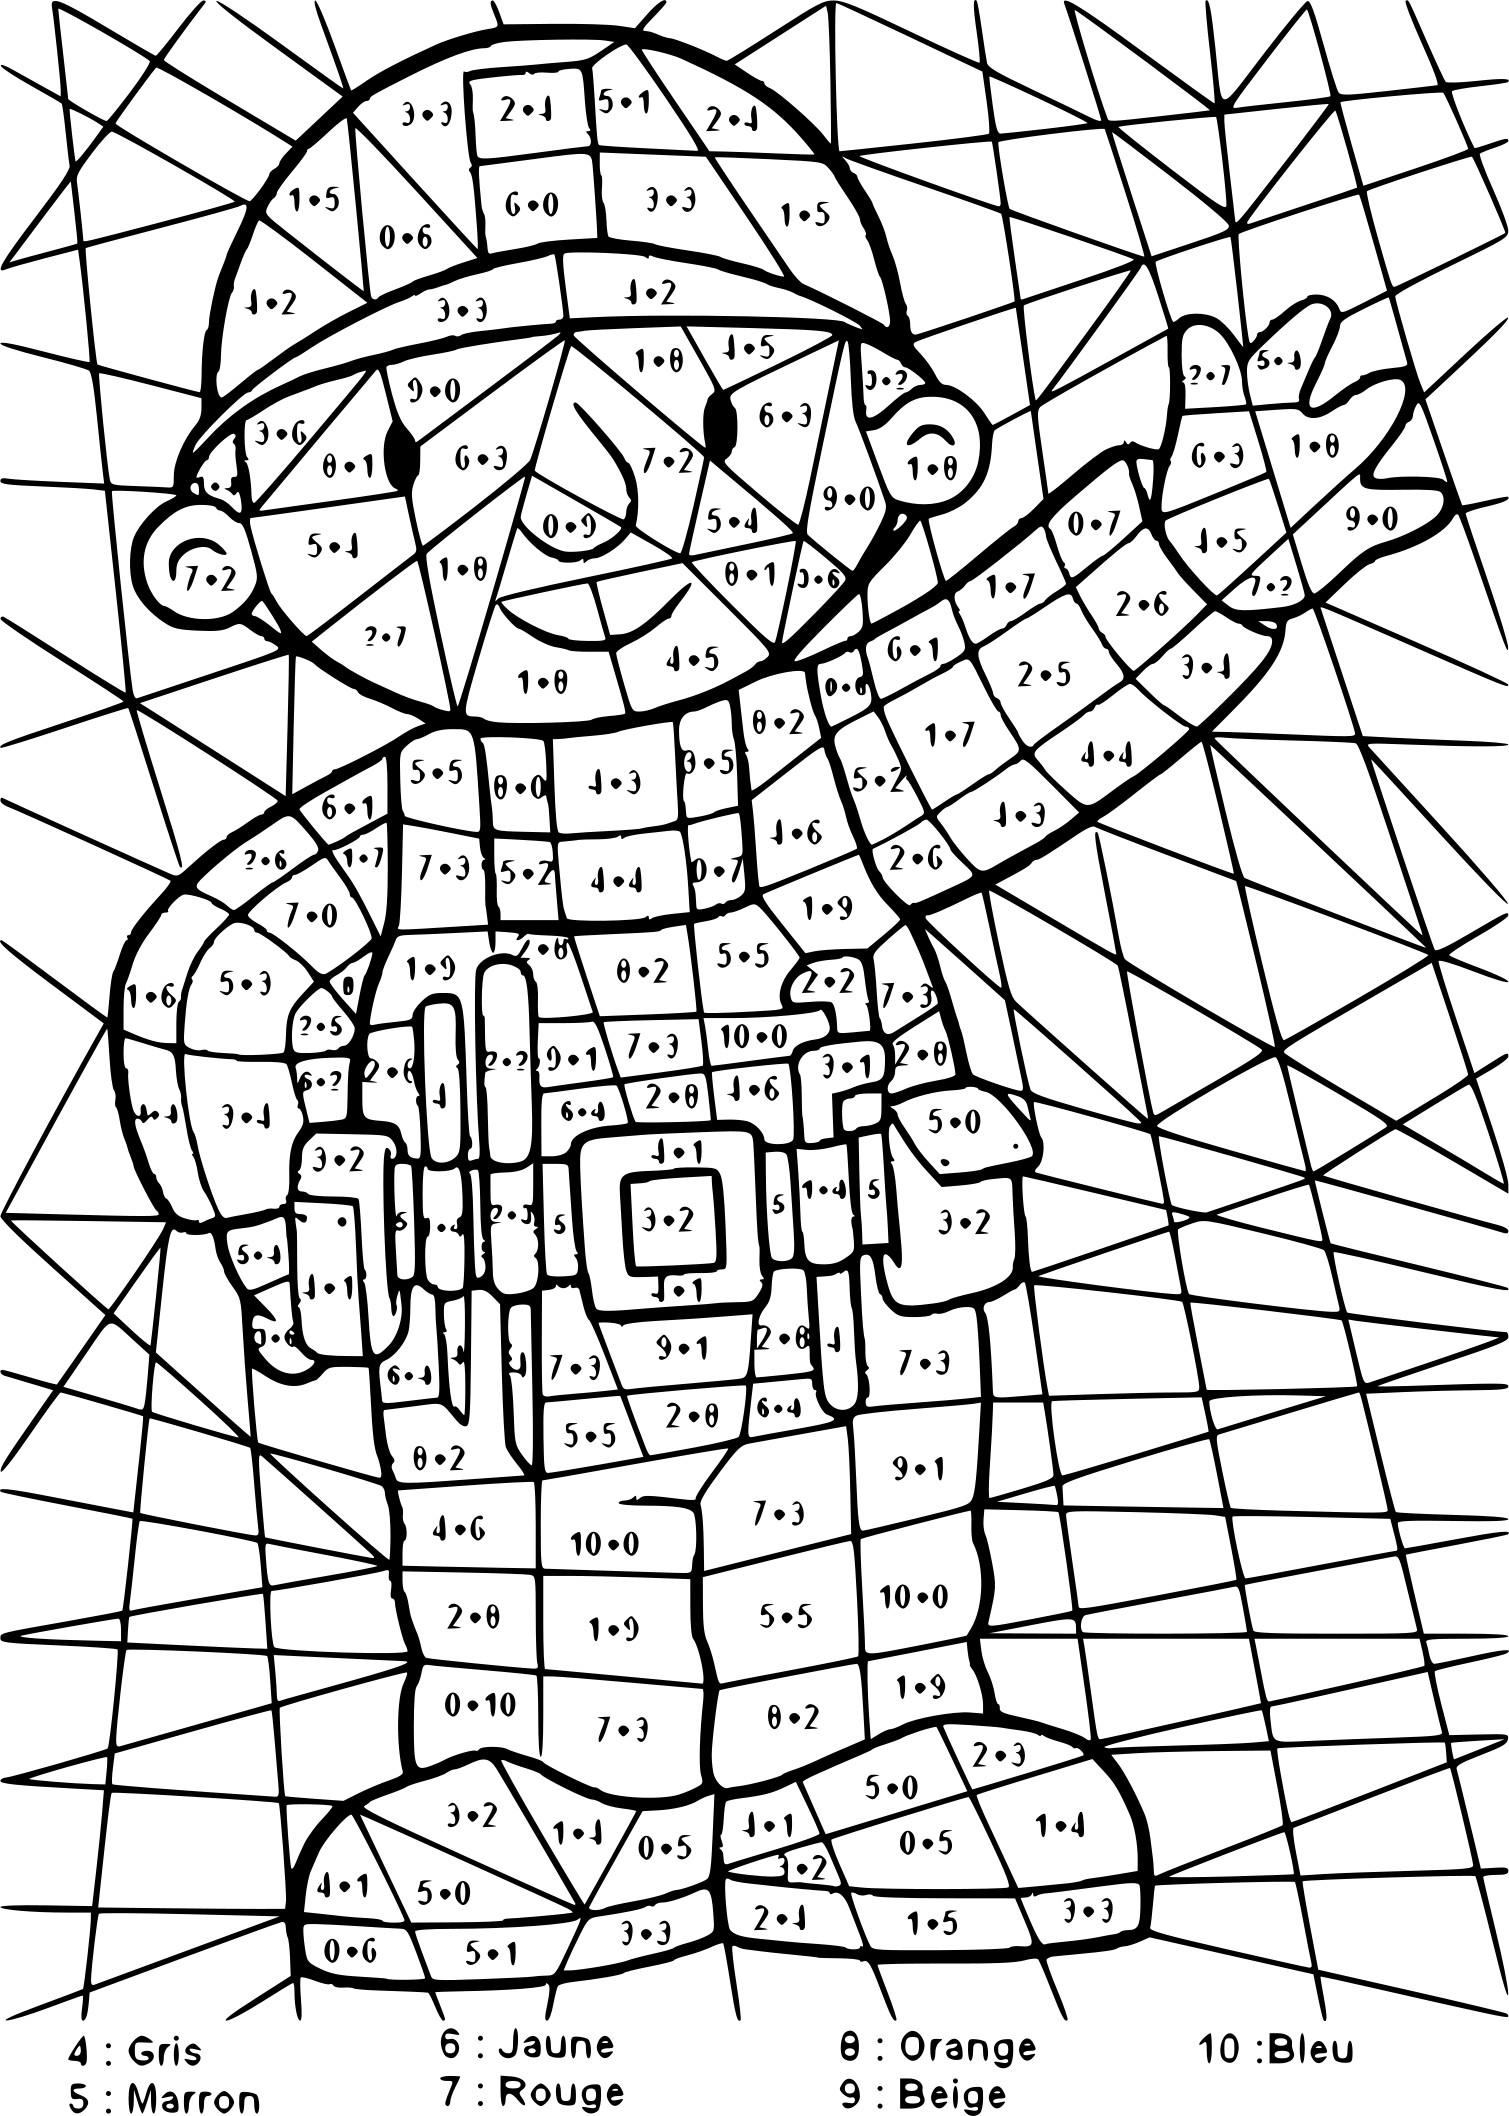 Coloriage magique addition imprimer - Coloriage magique elephant ...